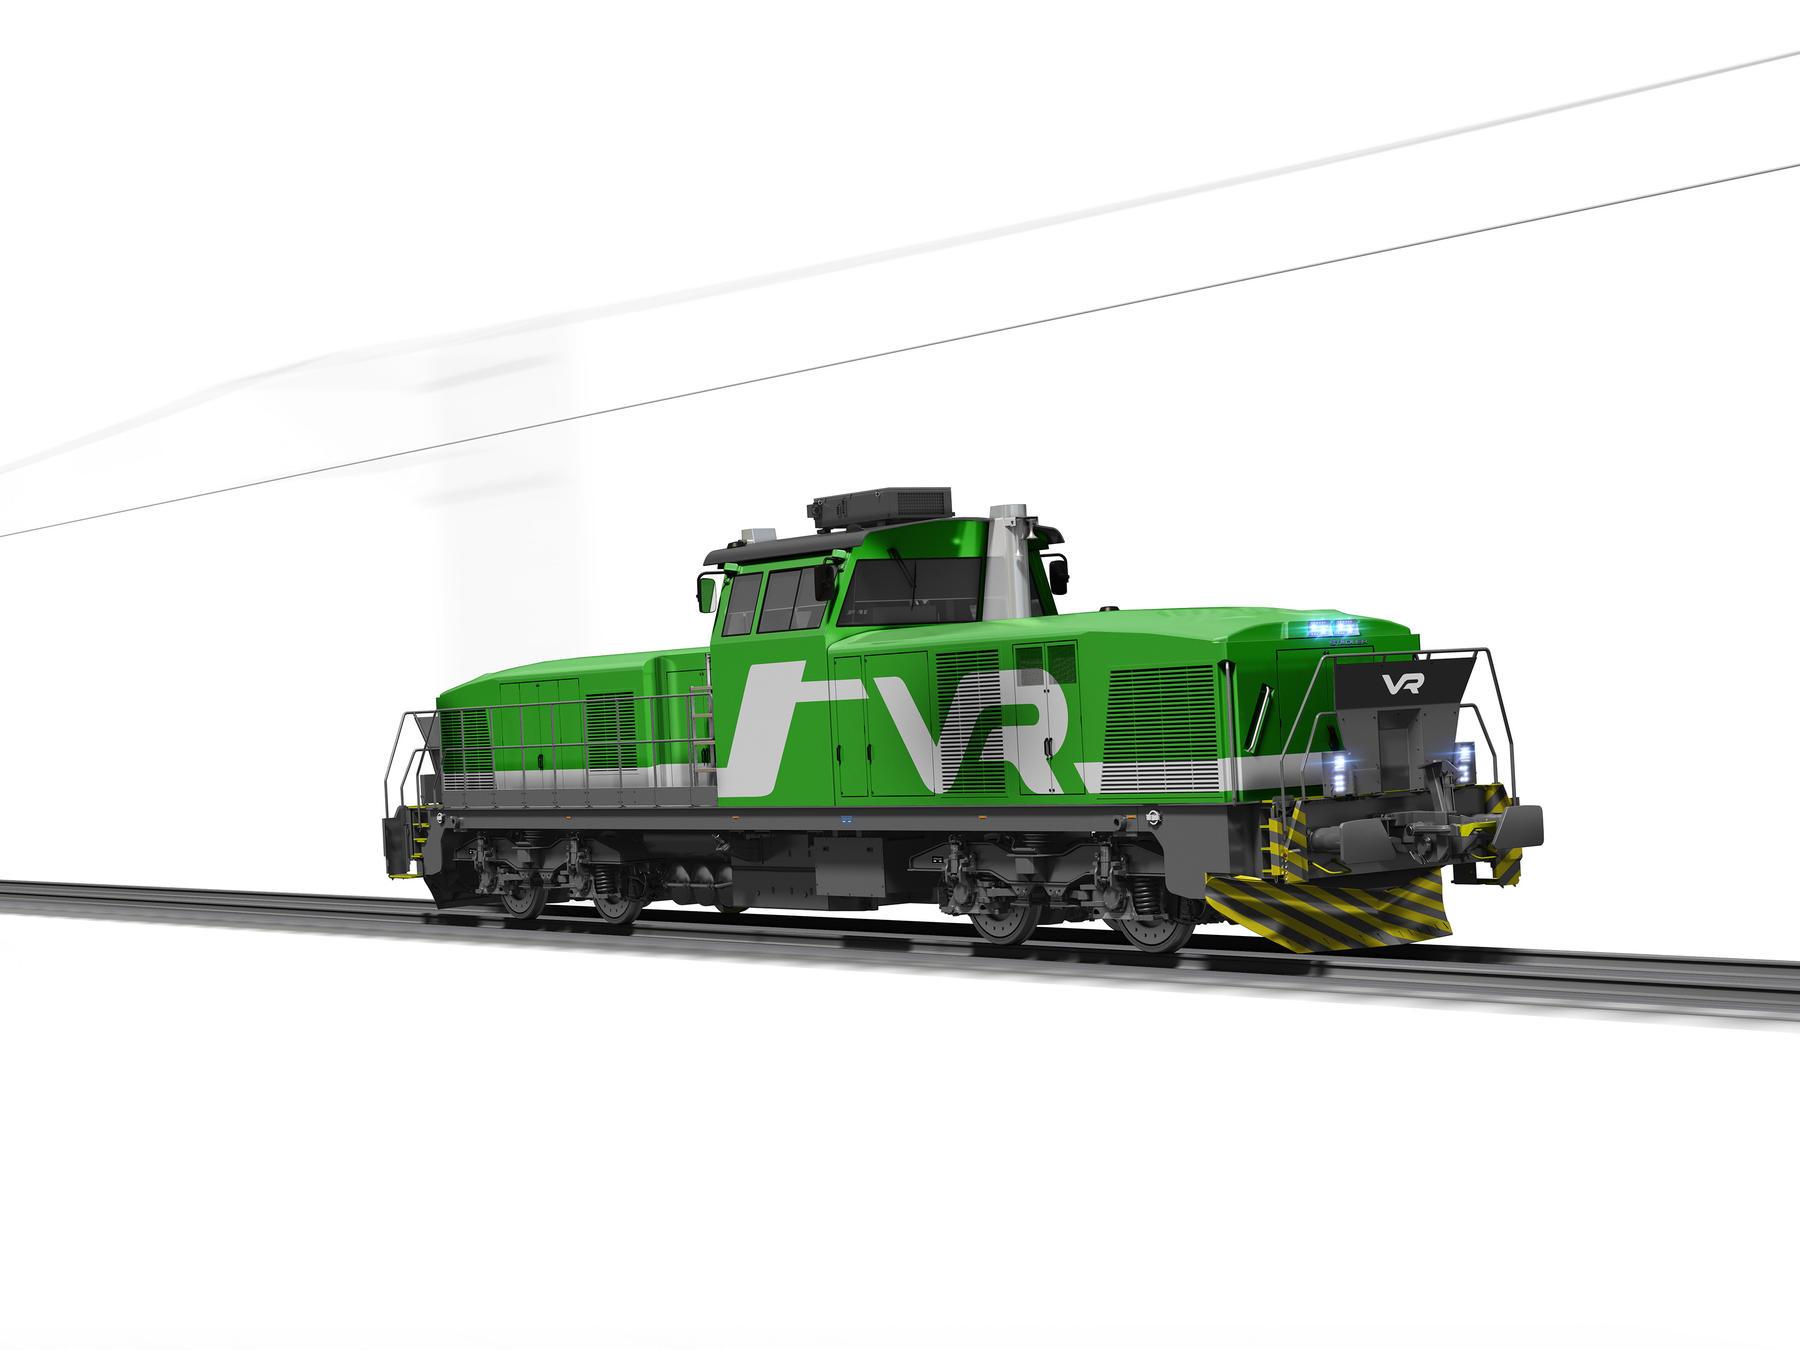 Stadler locomotive for Finland VR Group